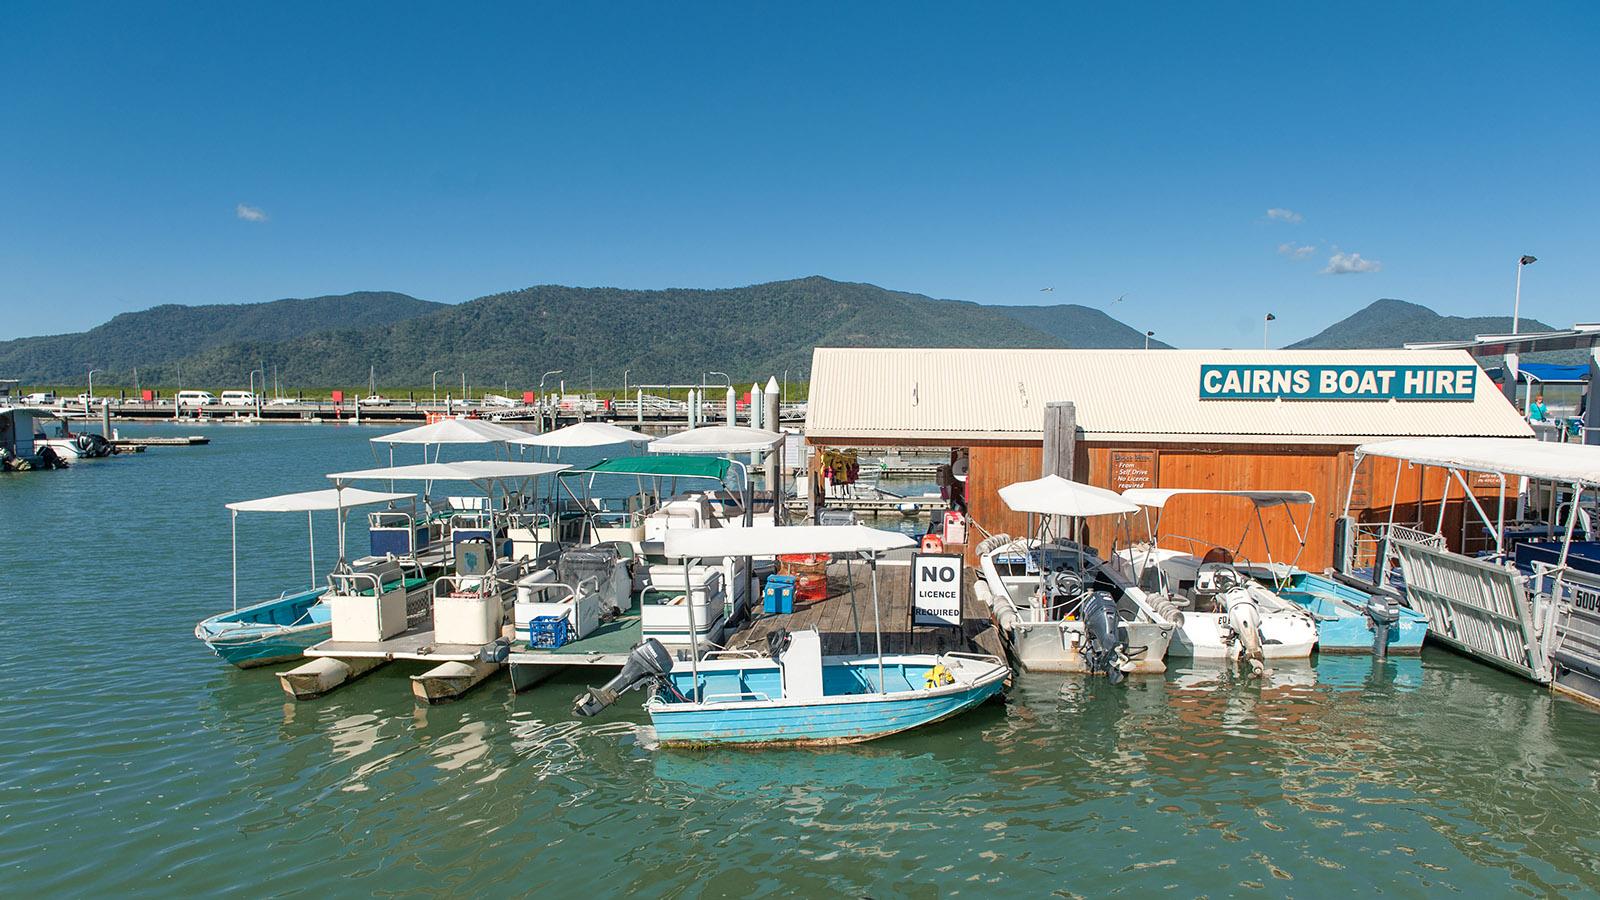 Ostküste: Bootsvermietung in der Marina von Cairns. Foto: Hilke Maunder